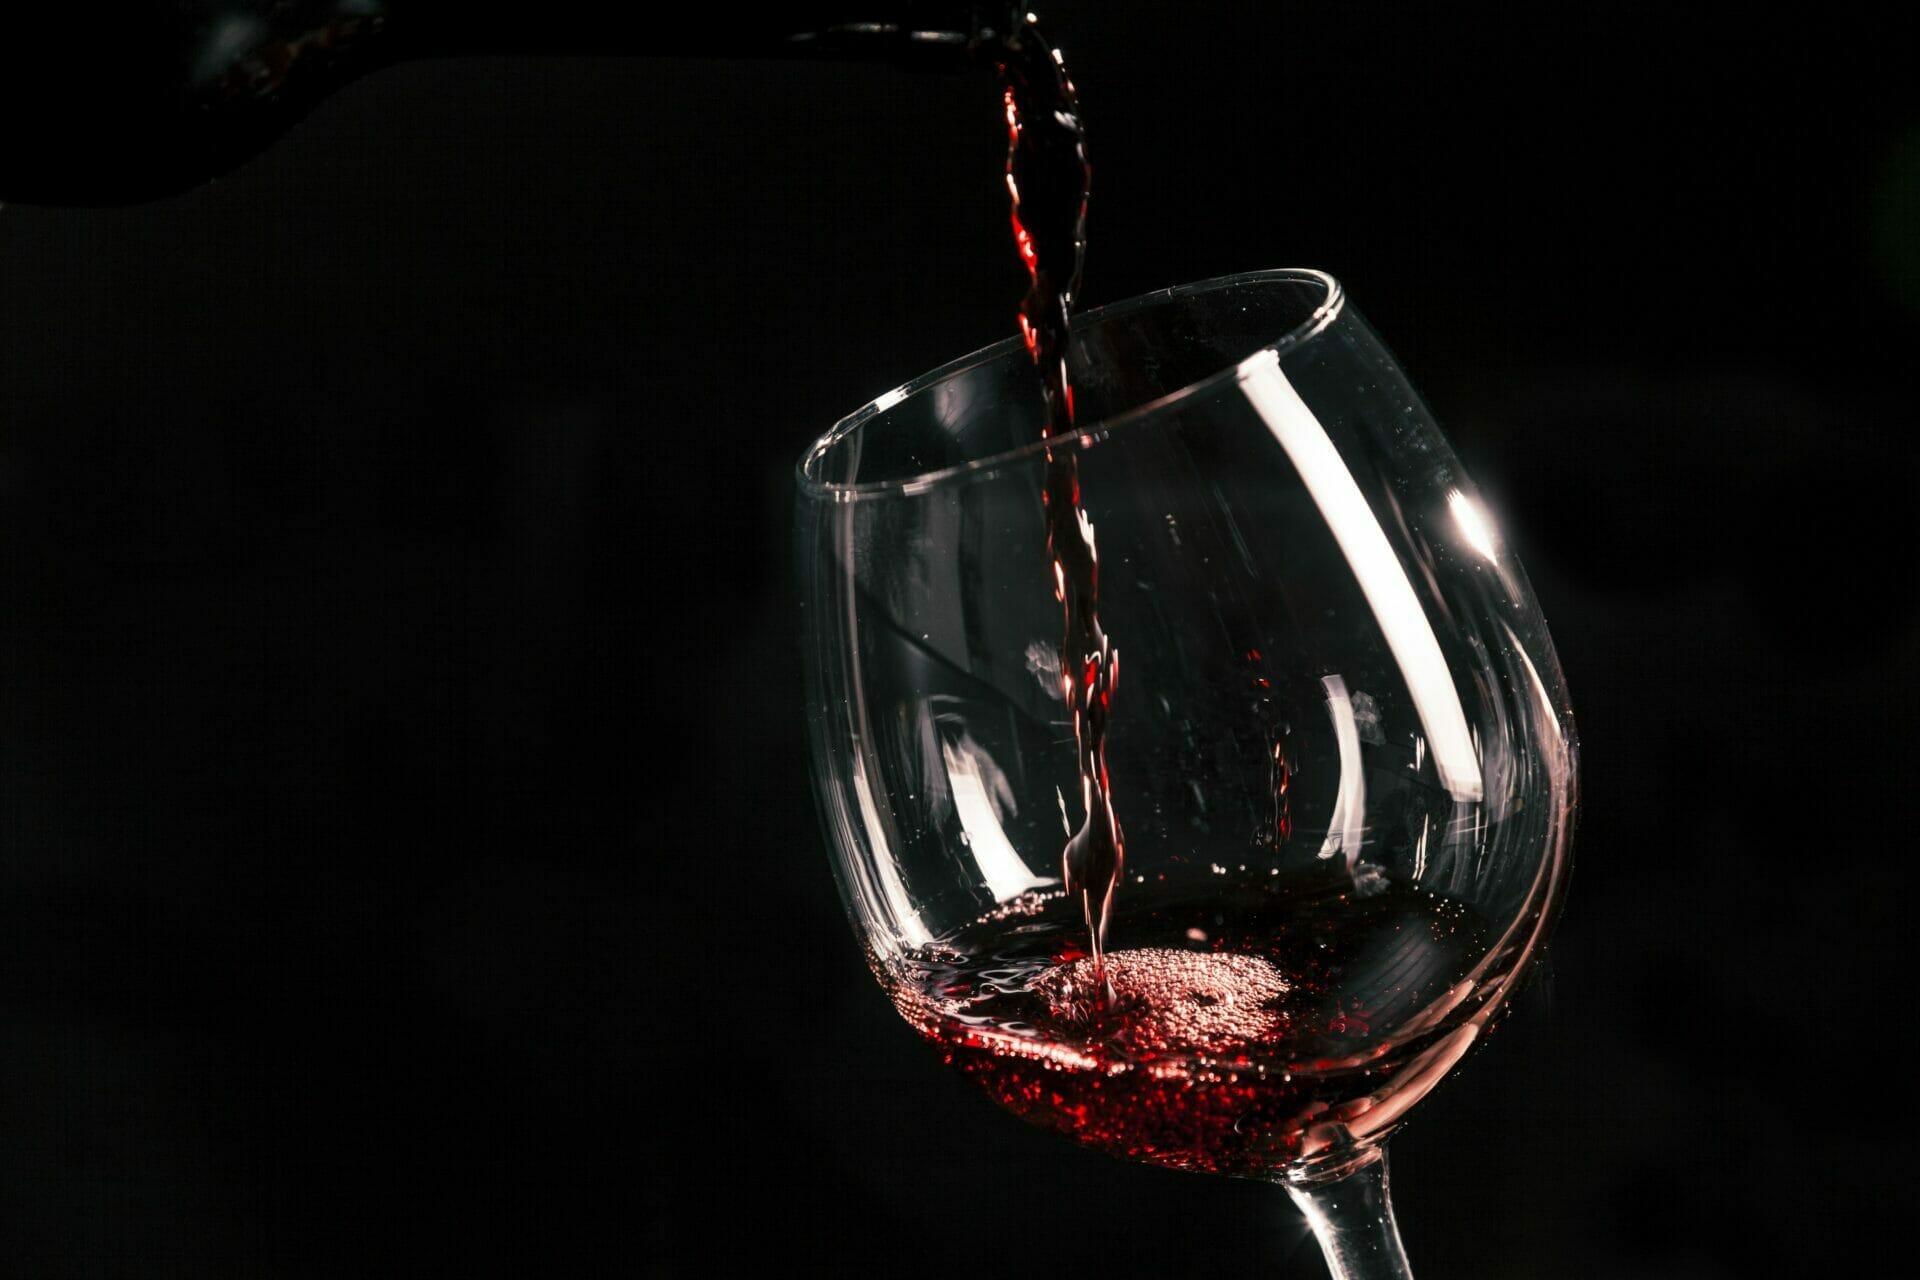 Povremena čaša vina i katarakta ili mrena - Očna poliklinika Medić Jukić Split